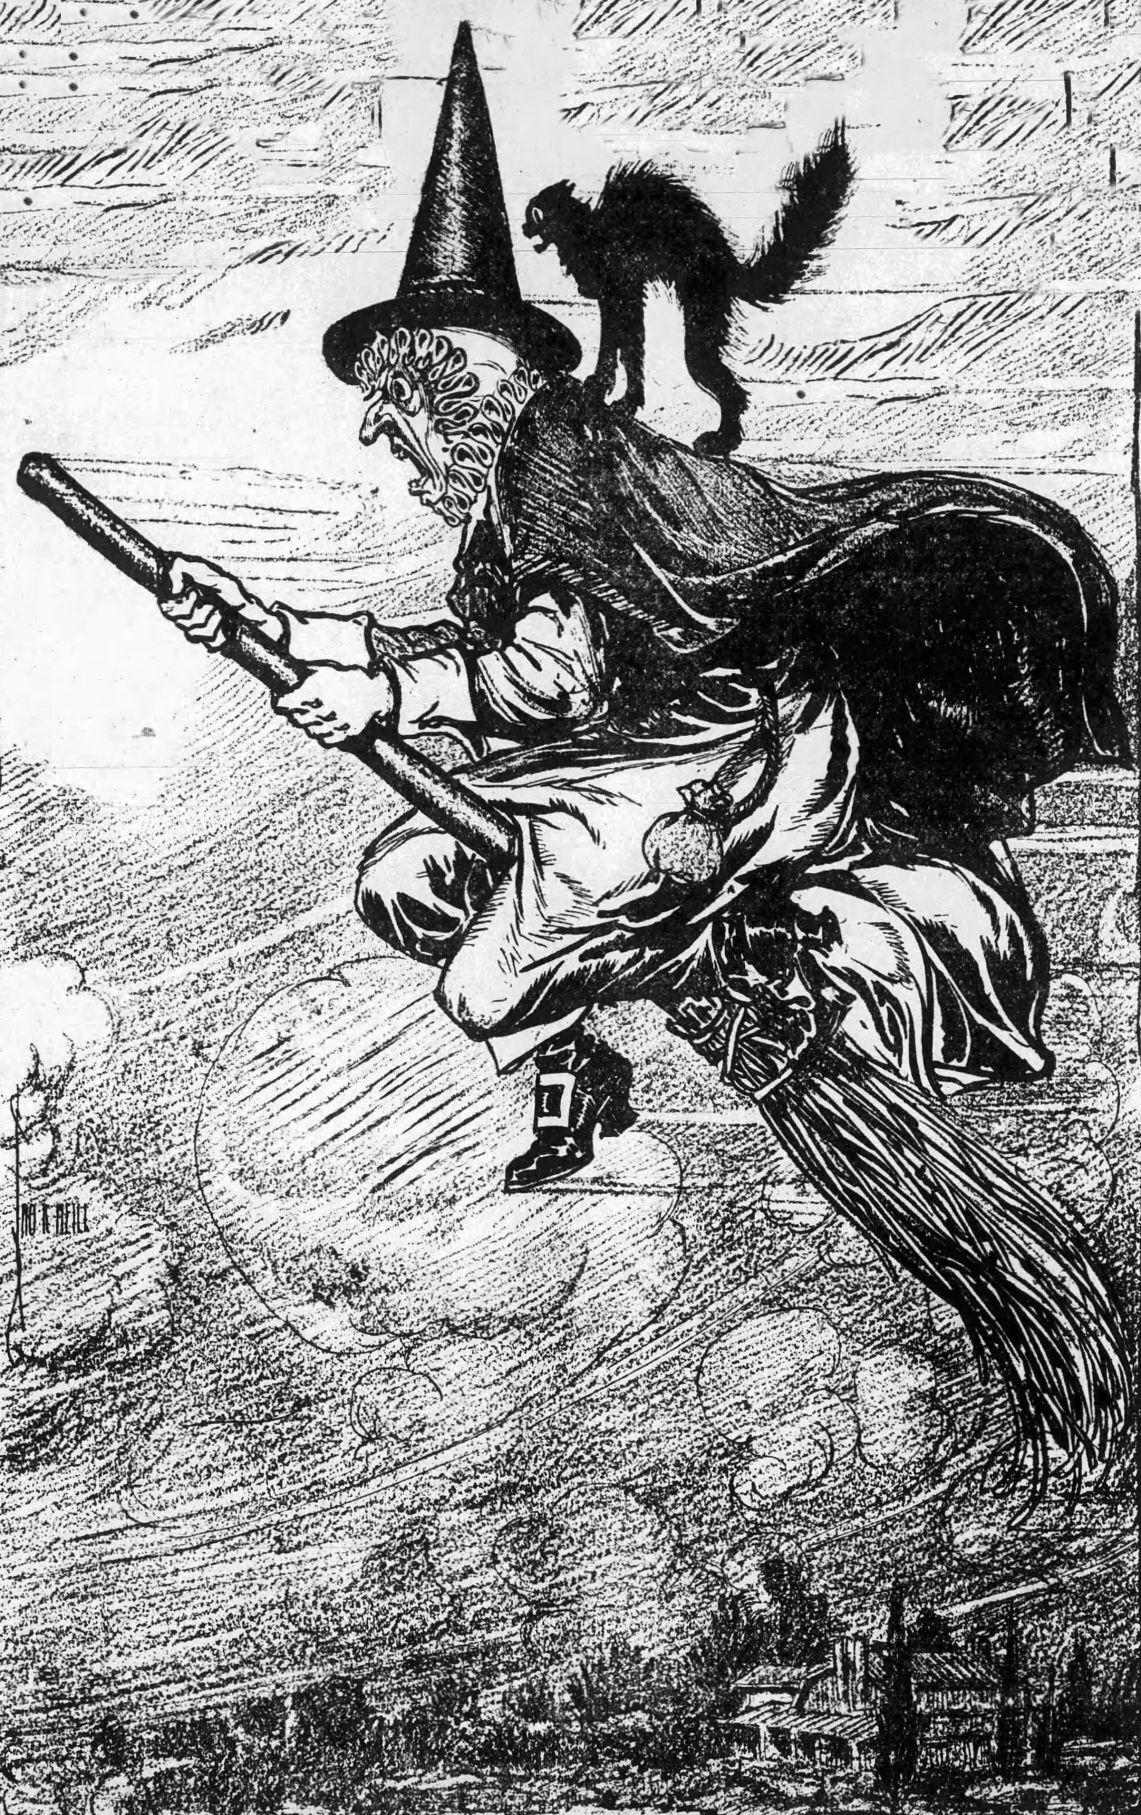 Halloween artwork October 21, 1906